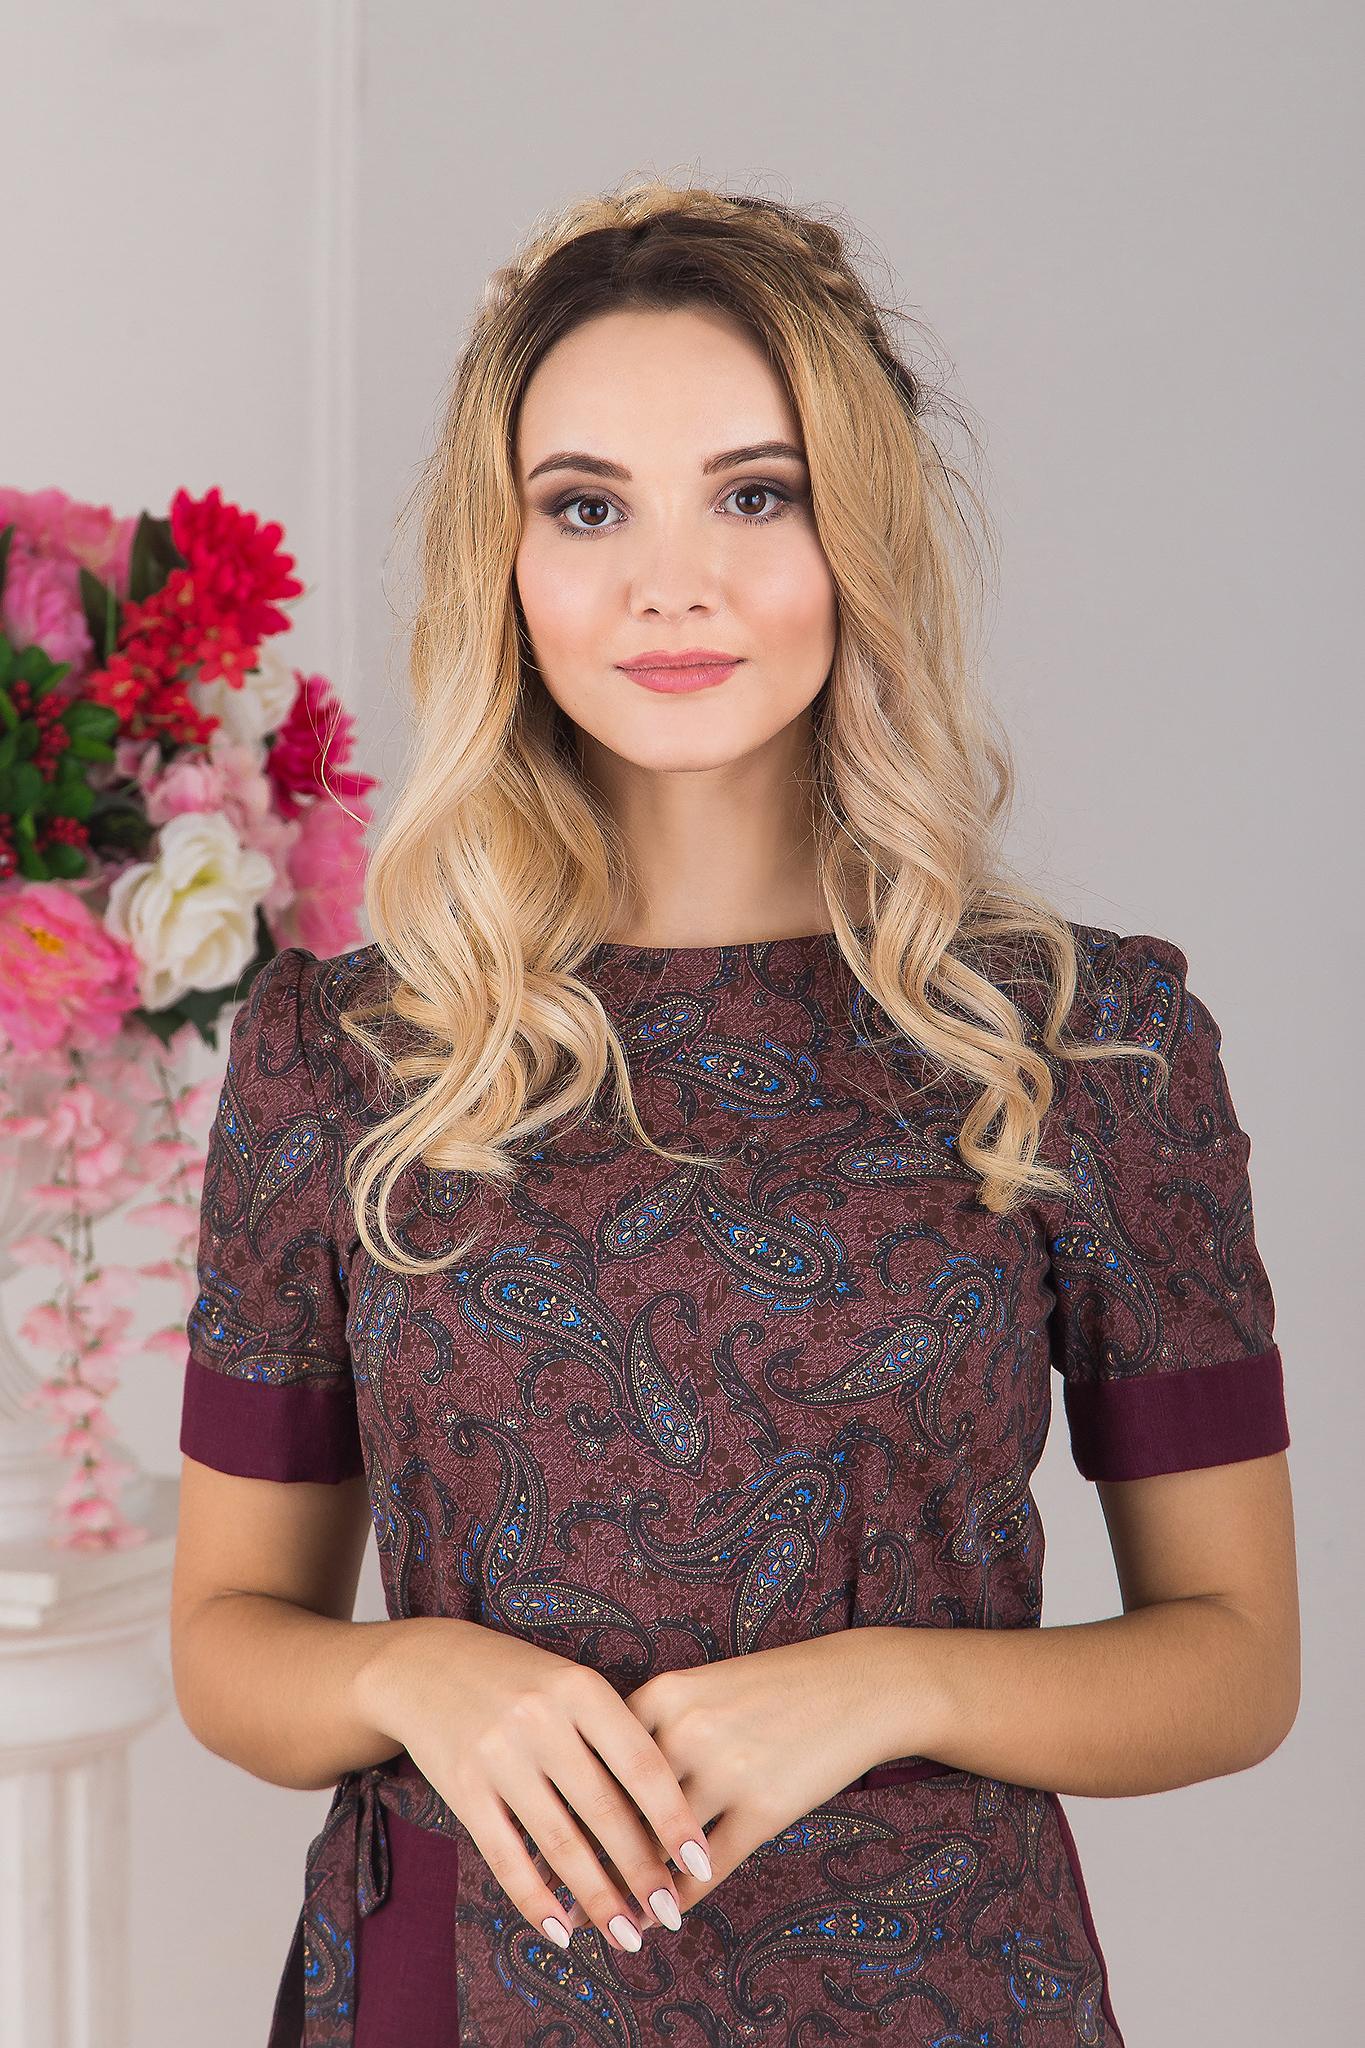 Платье с запахом Спелая вишня увеличенный фрагмент